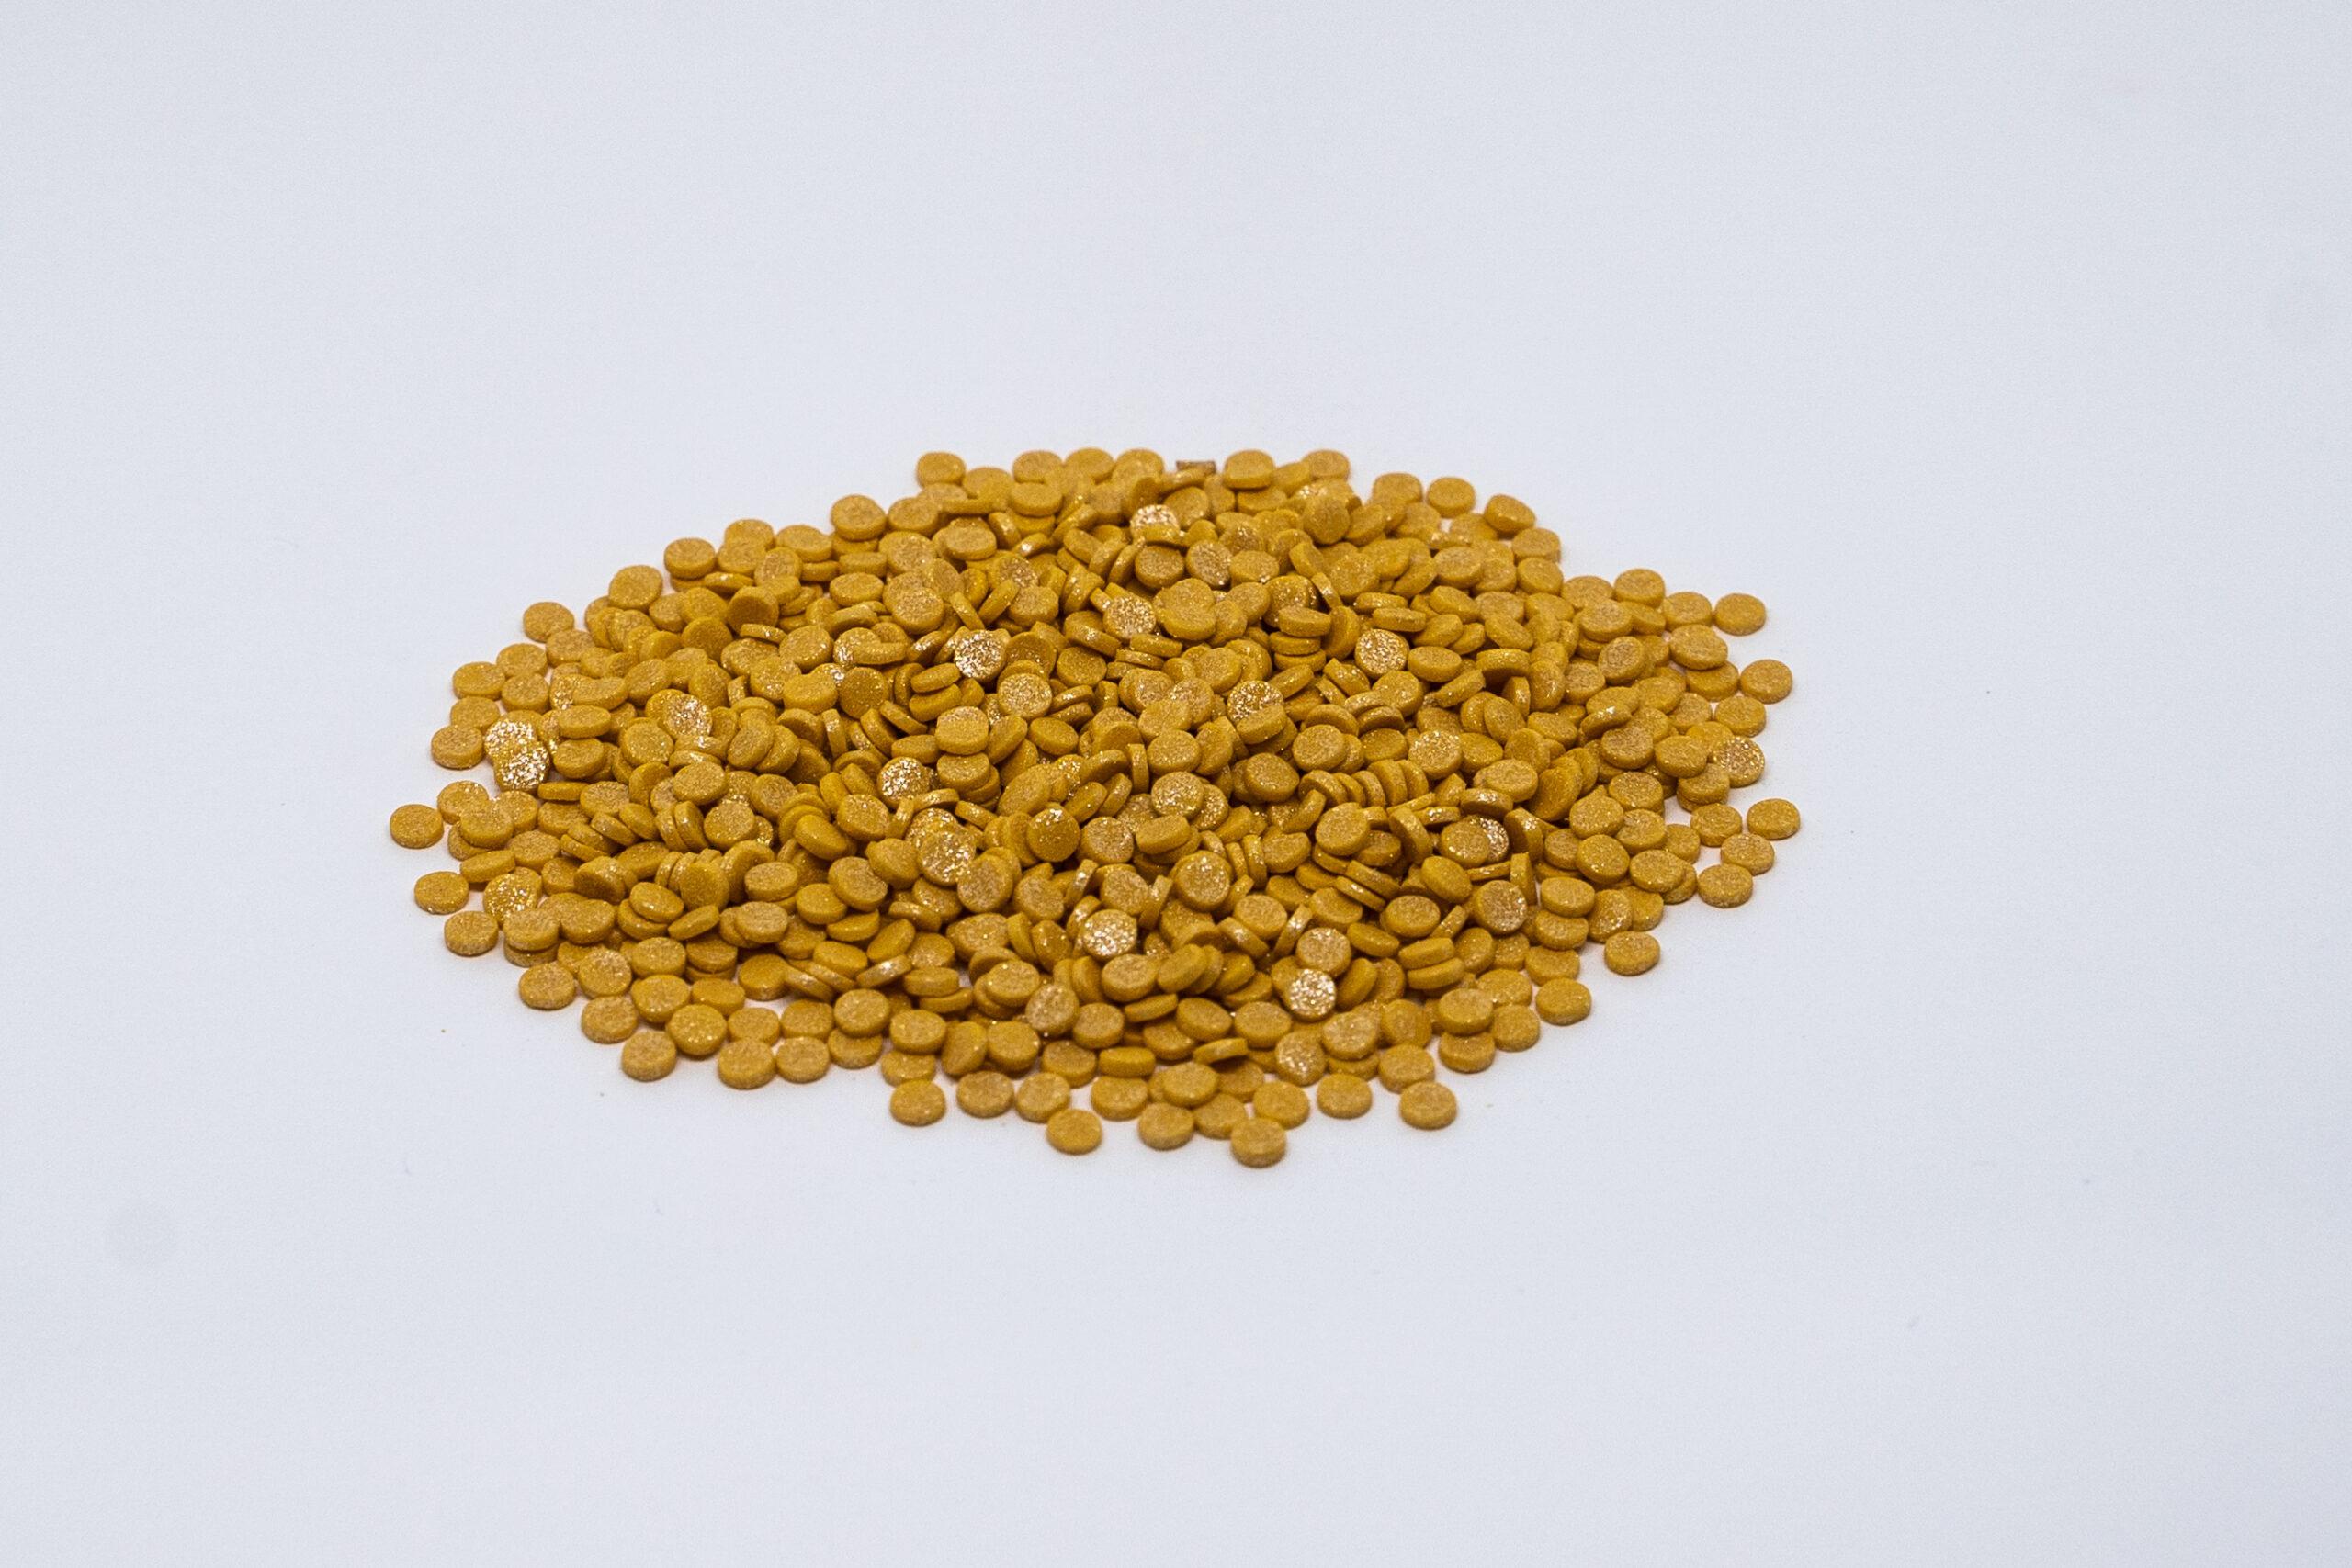 Gold confeti